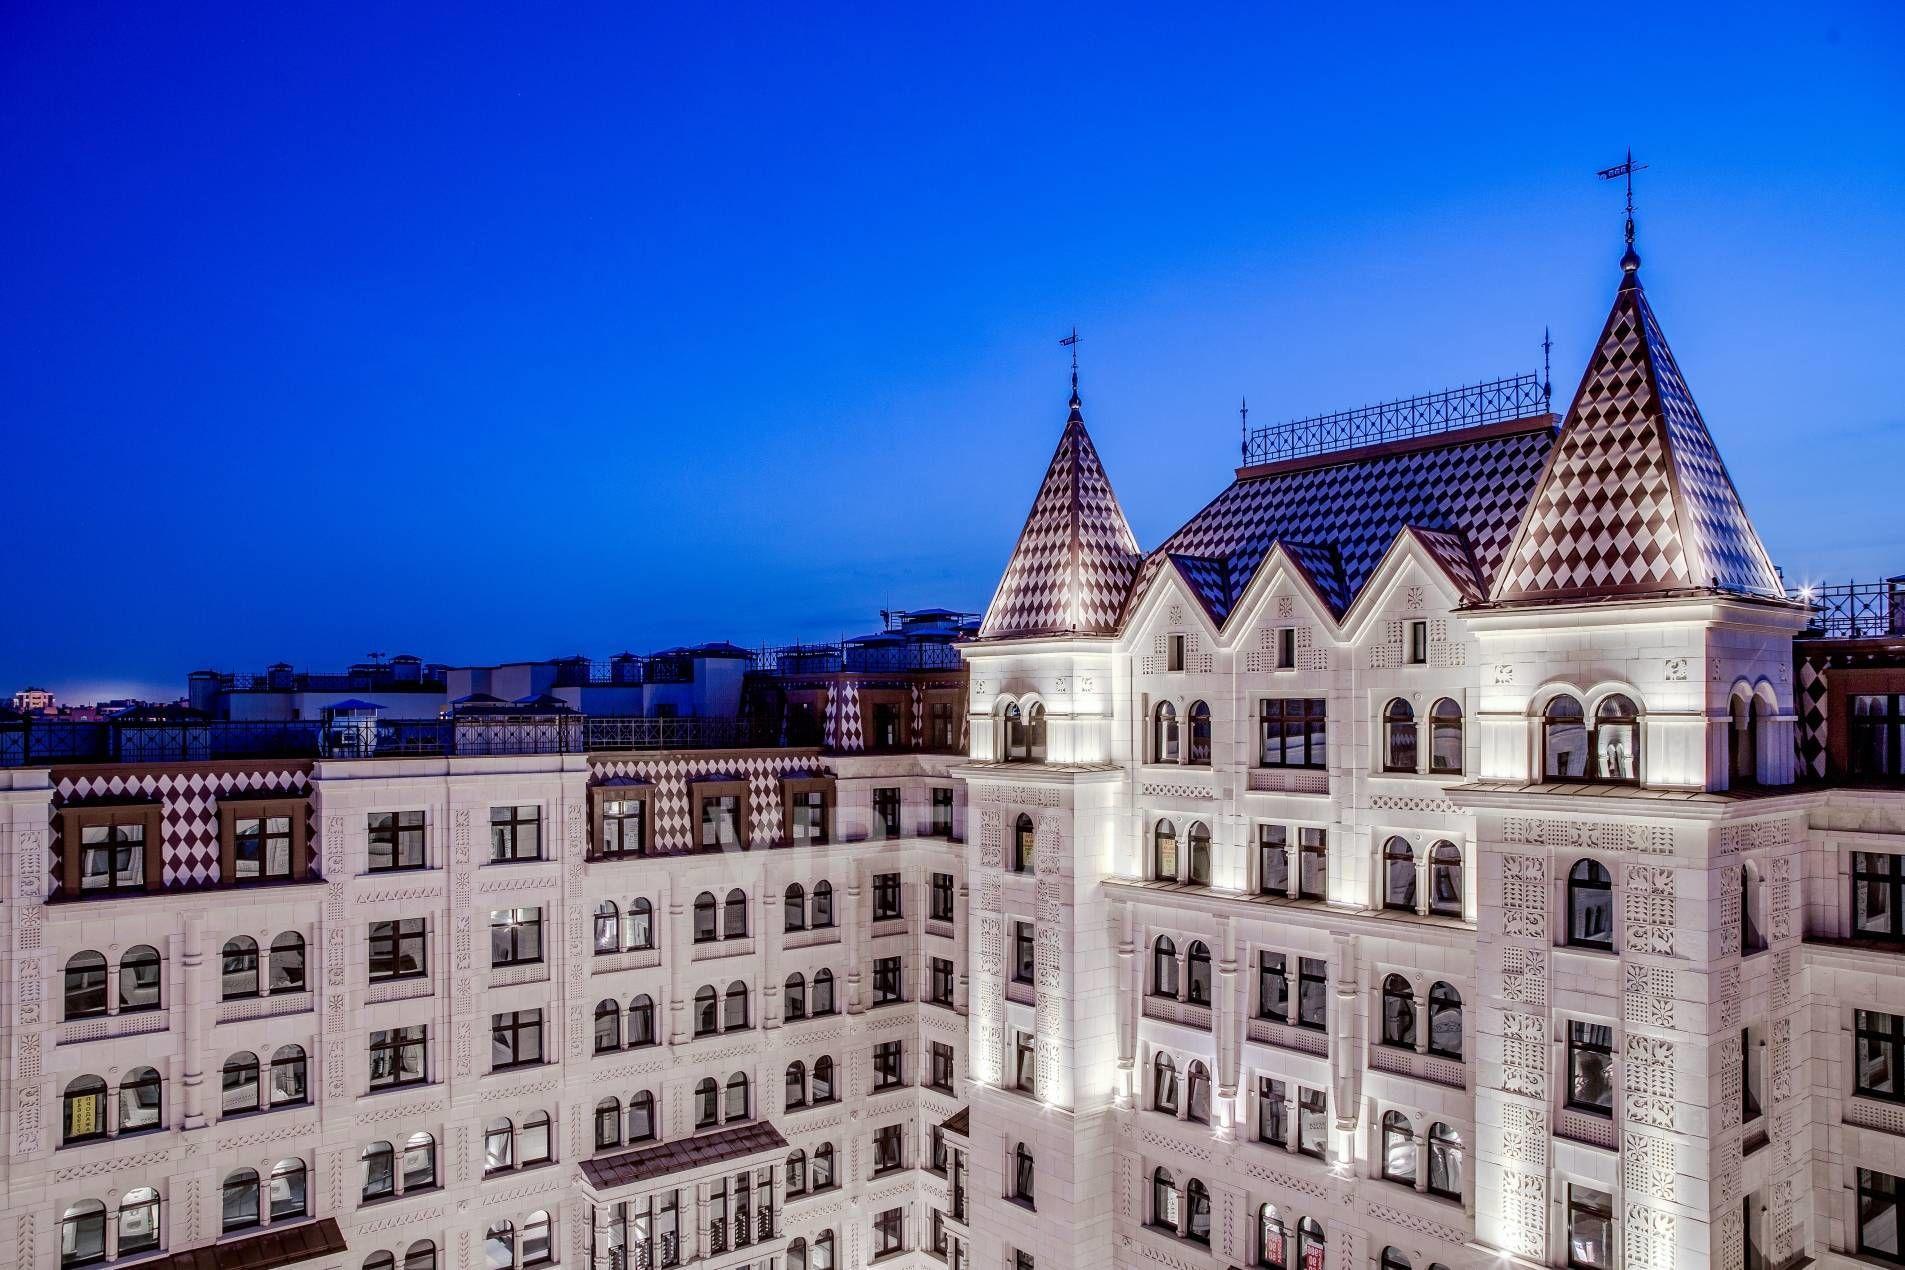 Продажа элитных квартир Санкт-Петербурга. Басков пер., 2 Эффектная ночная подсветка